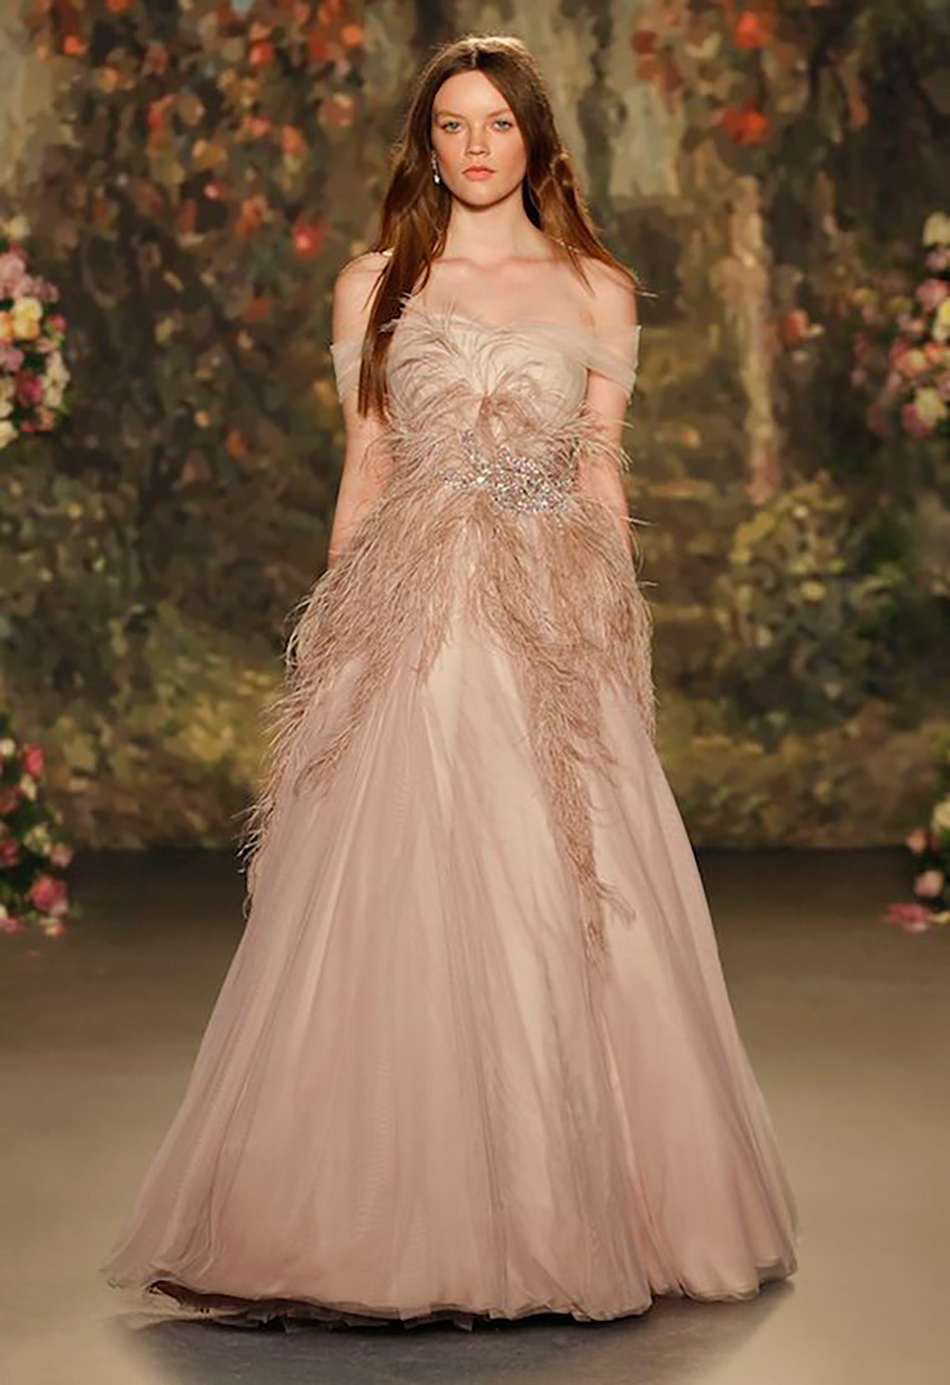 Wedding ideas by colour: blush wedding dresses